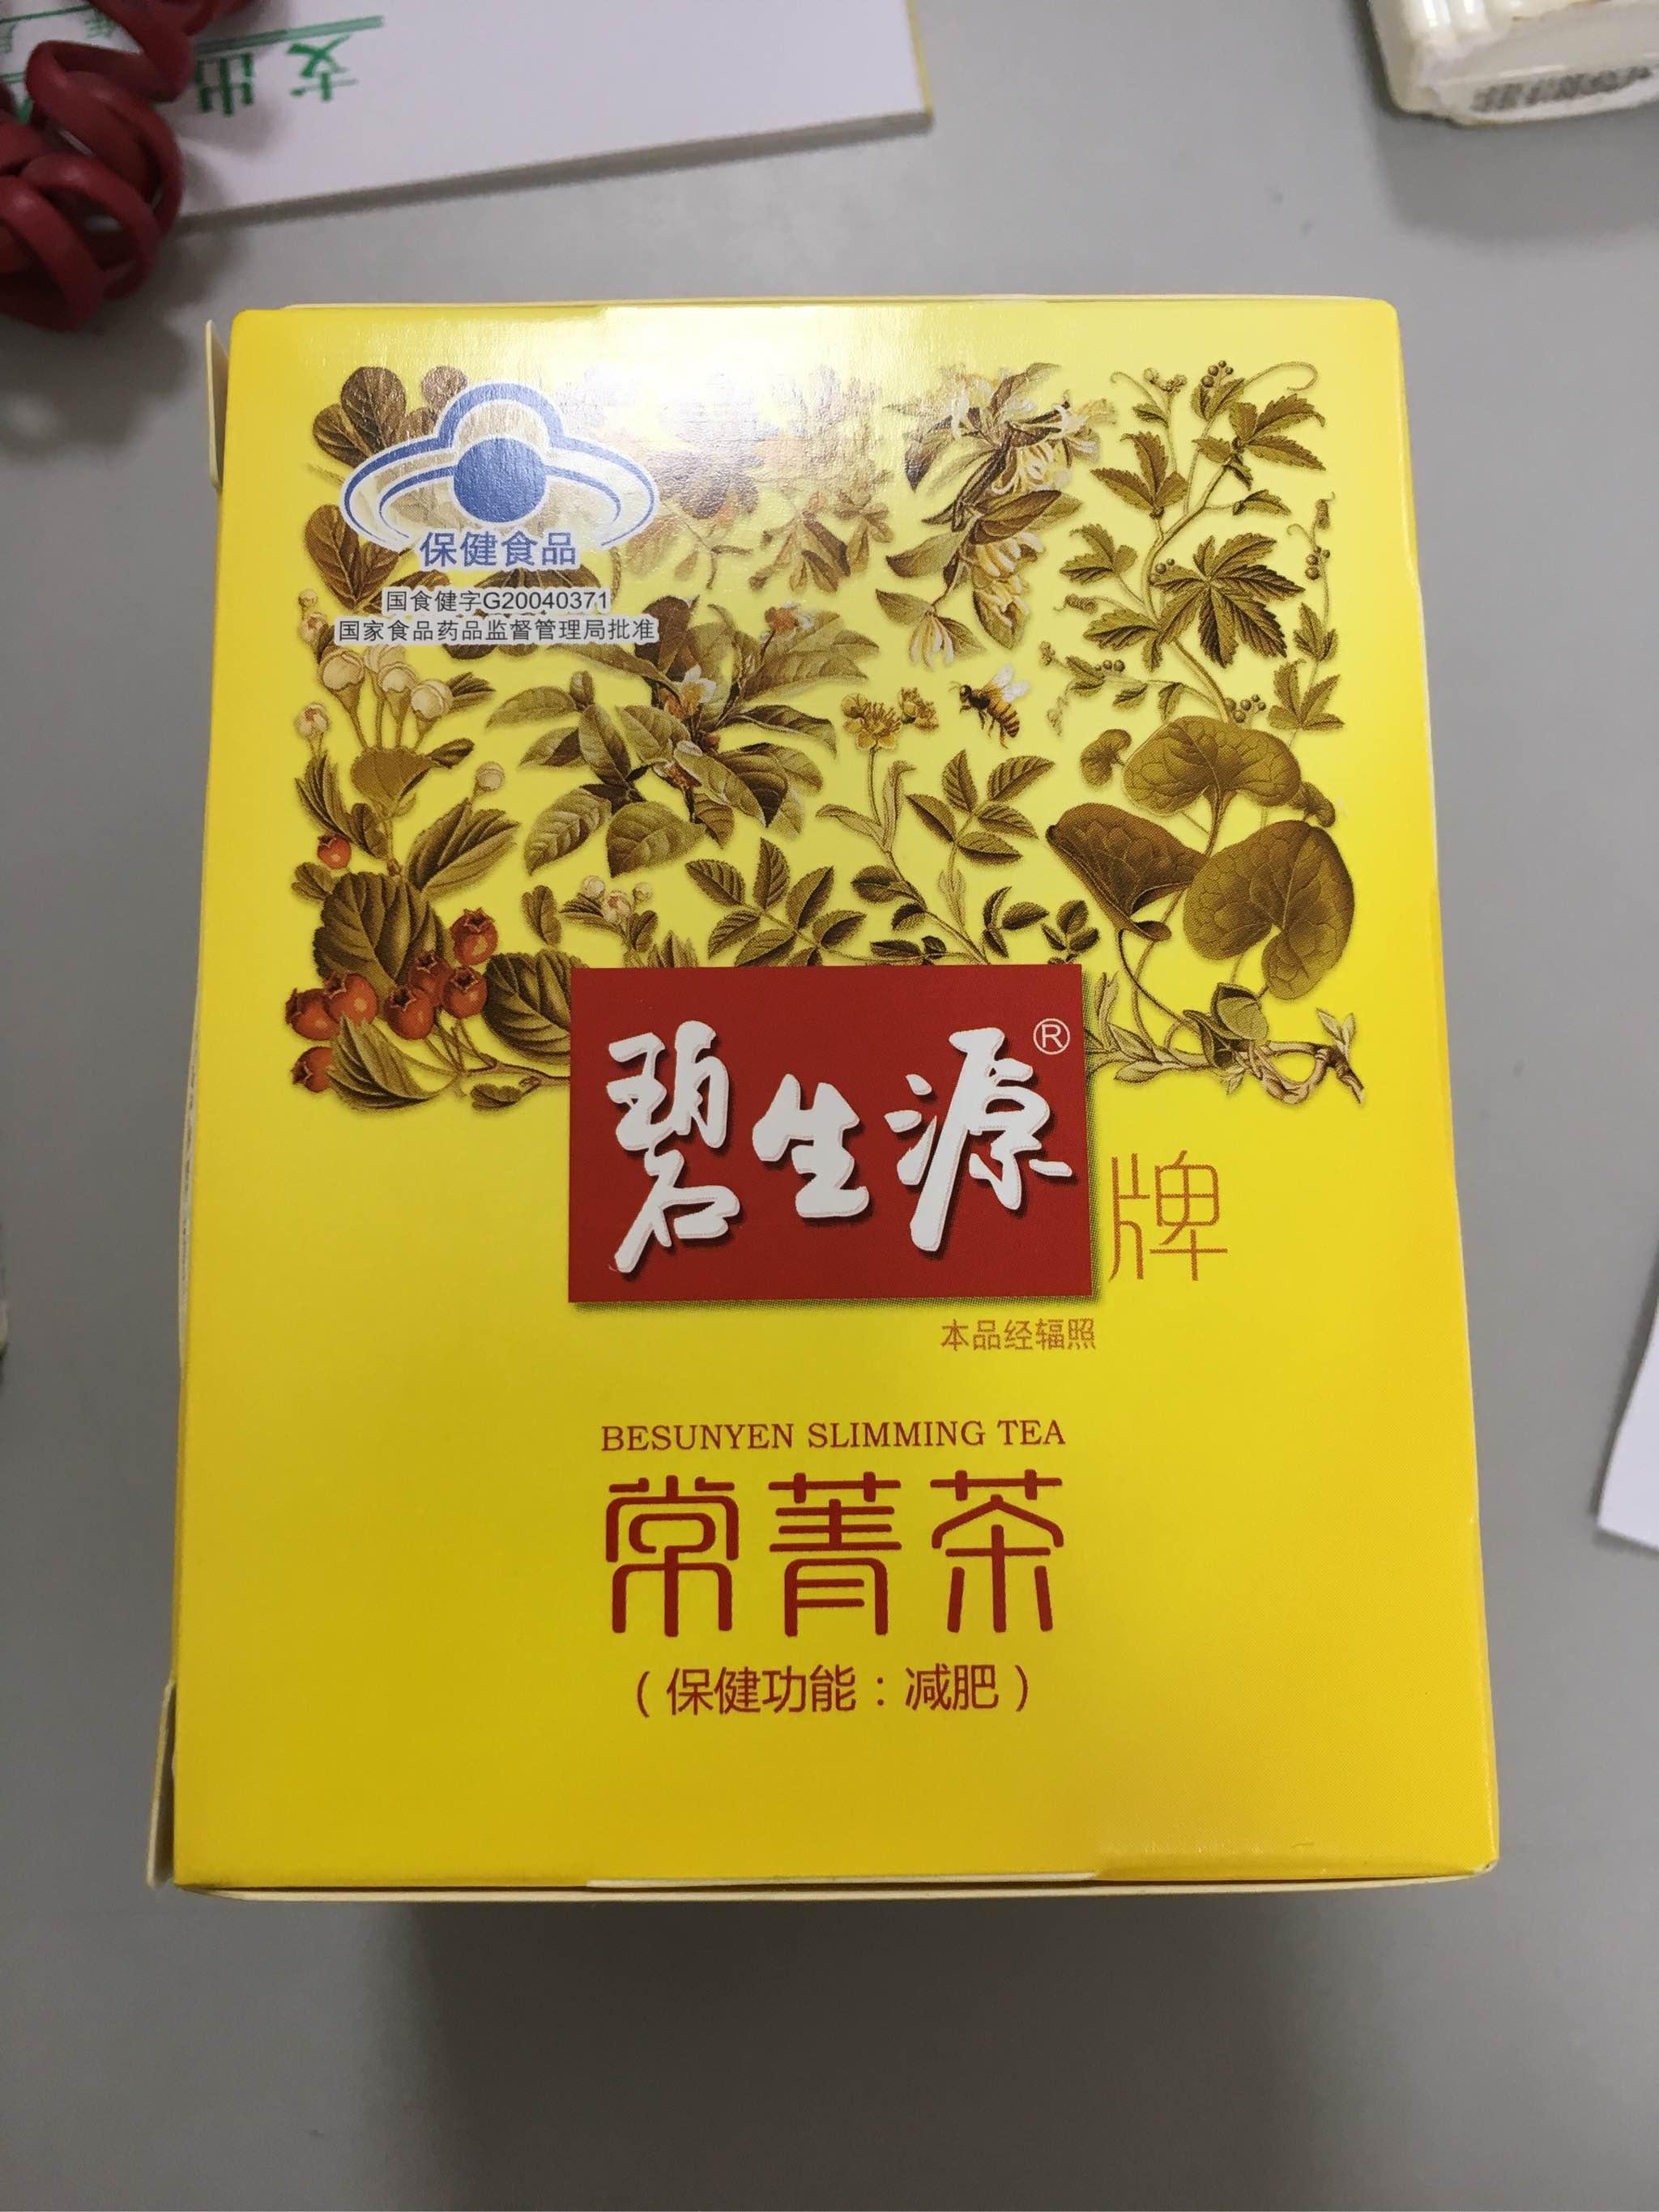 喝碧生源减肥茶一个月瘦了八斤